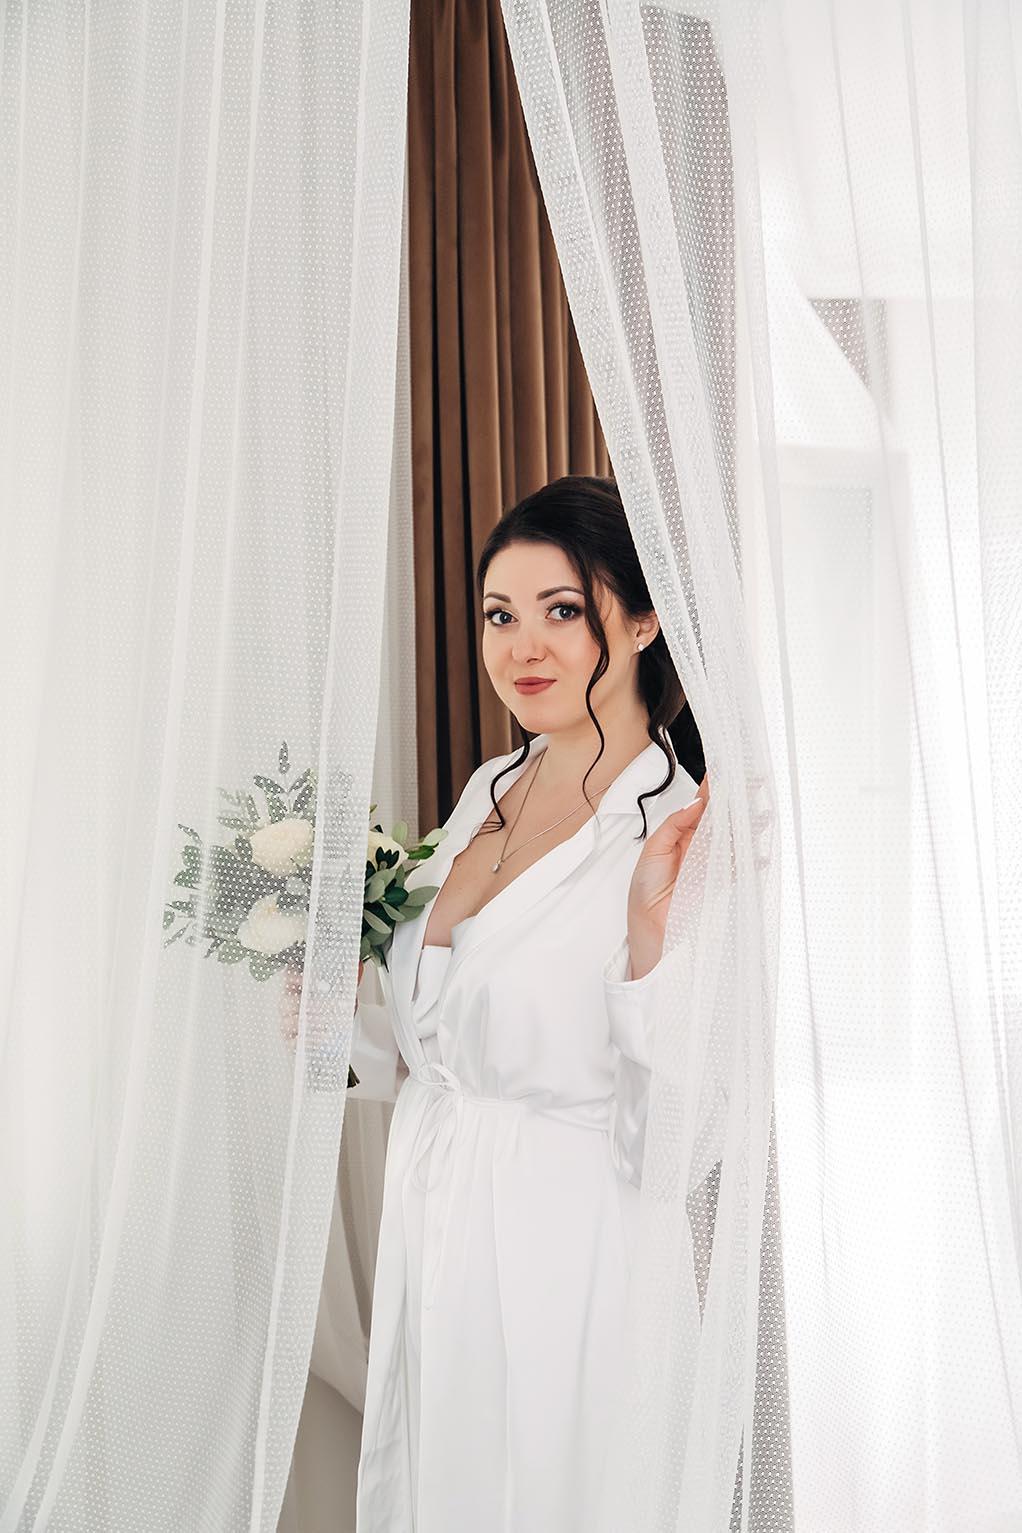 Аренда загородного коттеджа для проведения свадьбы